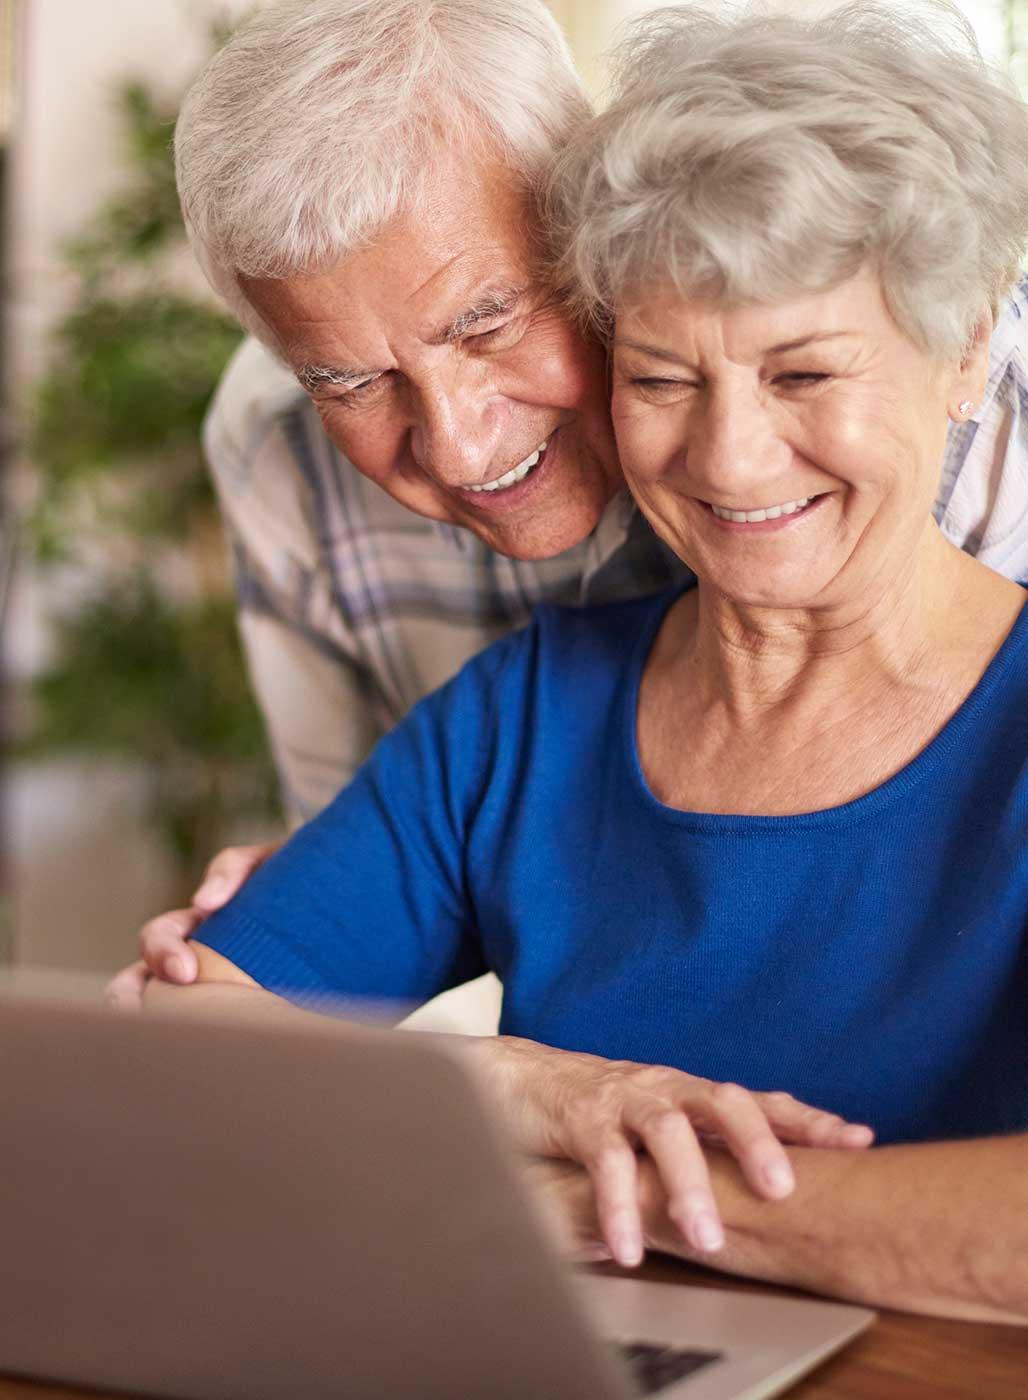 Älteres Paar, dass lächelnd vor einem Laptop sitzt